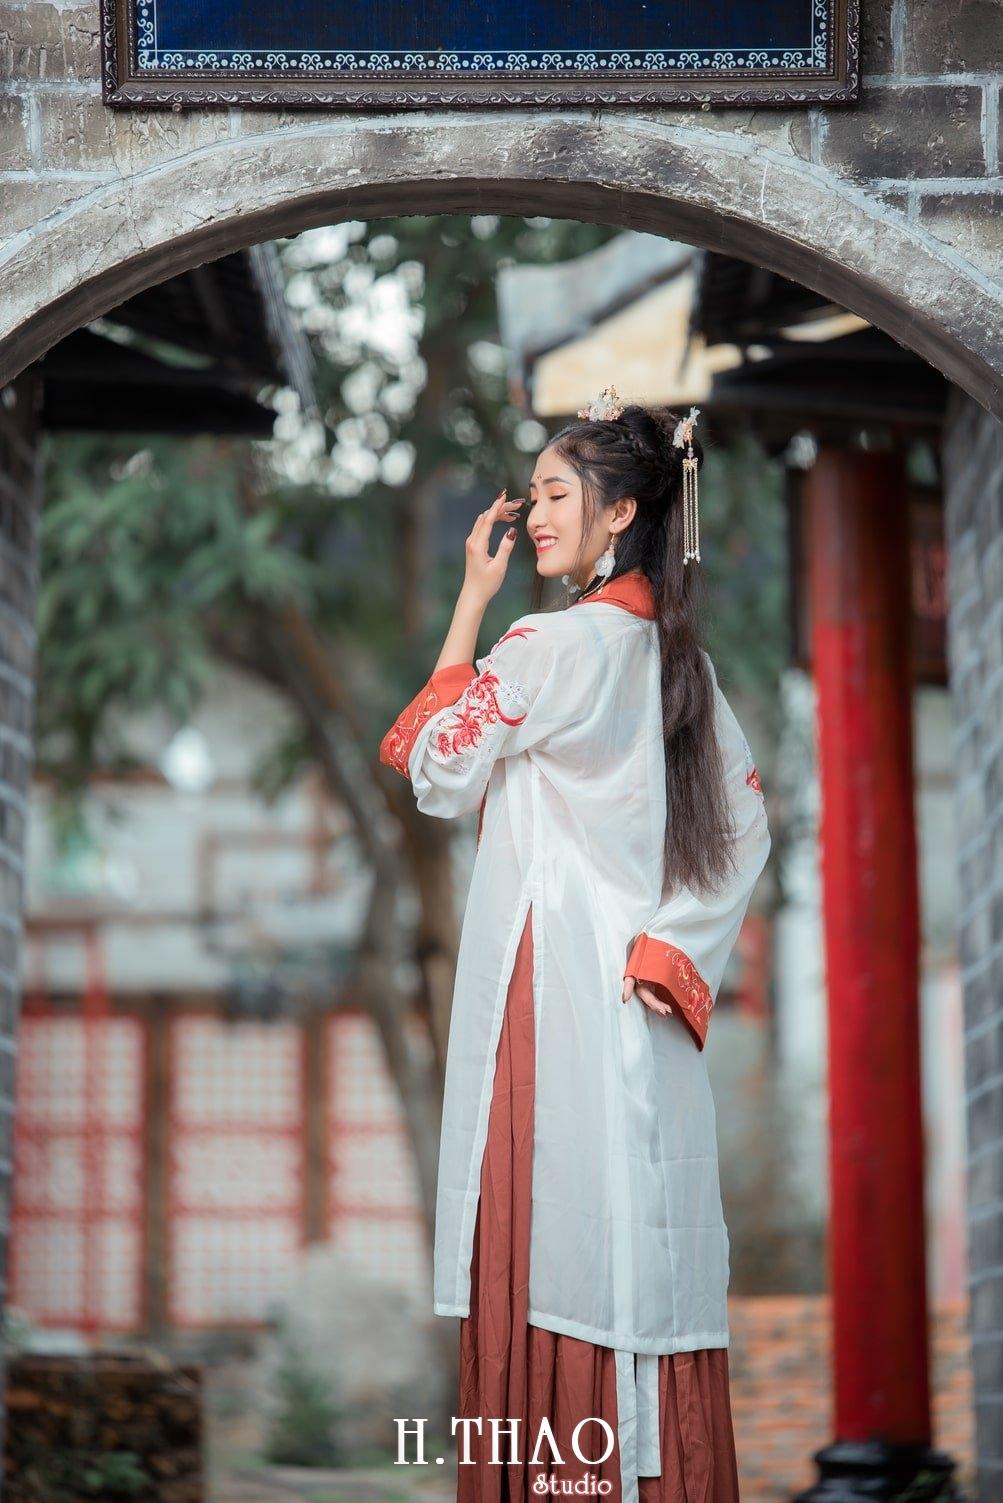 Anh tieu long nu 2 - Album ảnh chụp cổ trang cá nhân theo concept đời đường - HThao Studio